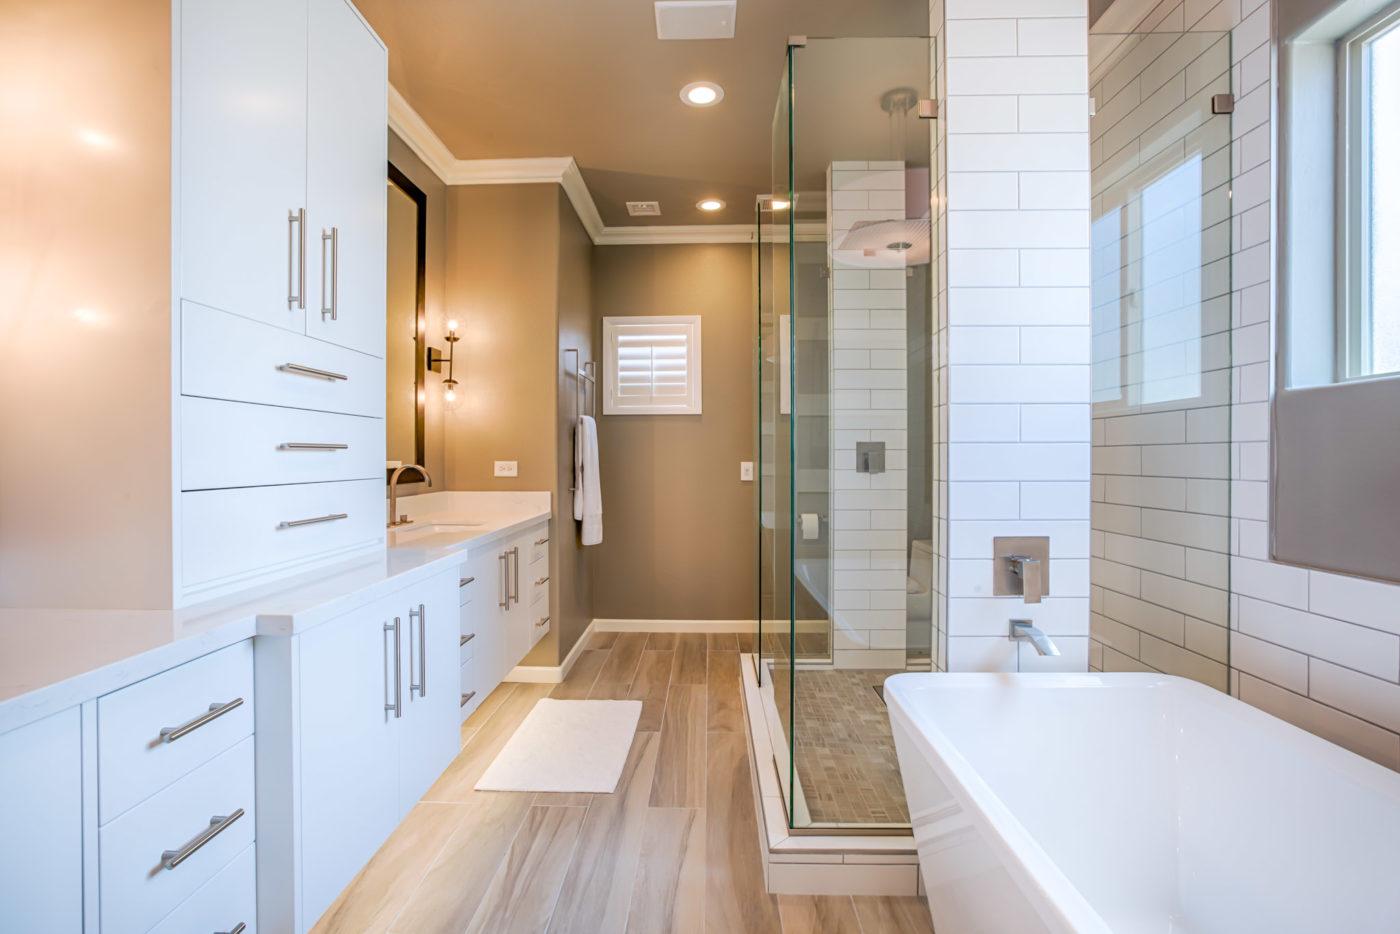 The Best Bathroom Remodeling Contractors in Phoenix Home ... on Restroom Renovation  id=65971